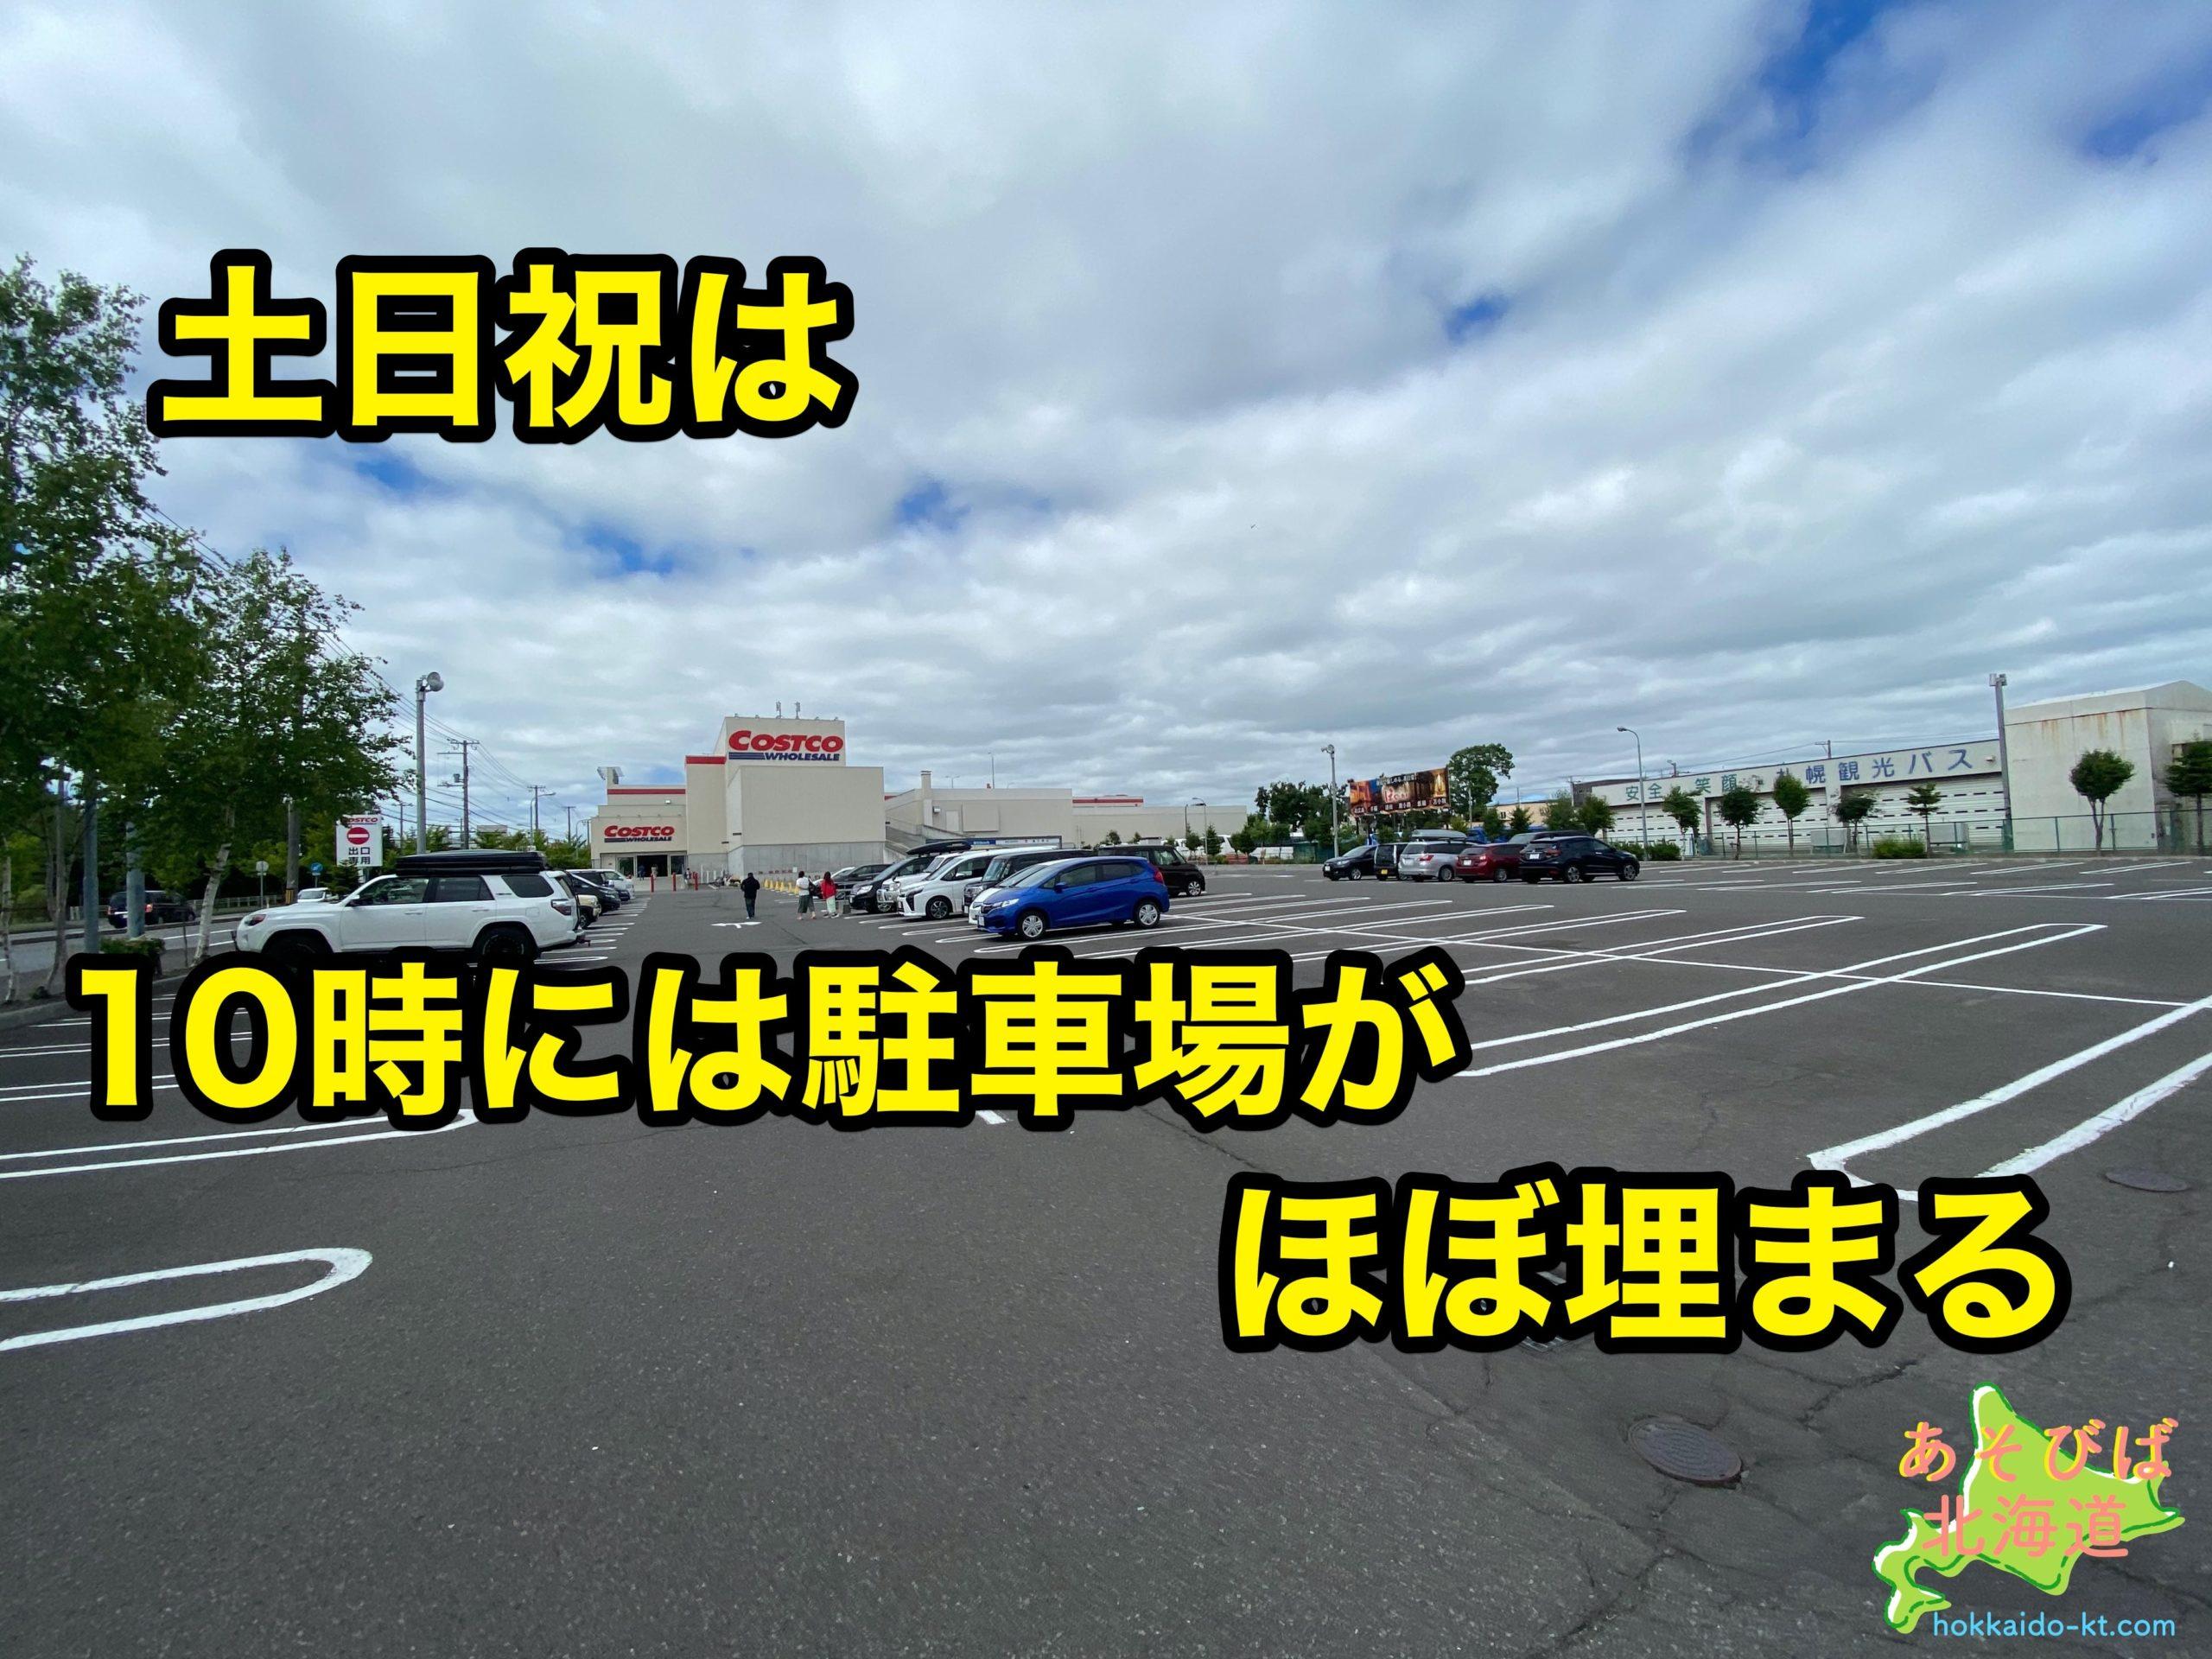 コストコは10時には駐車場が埋まる